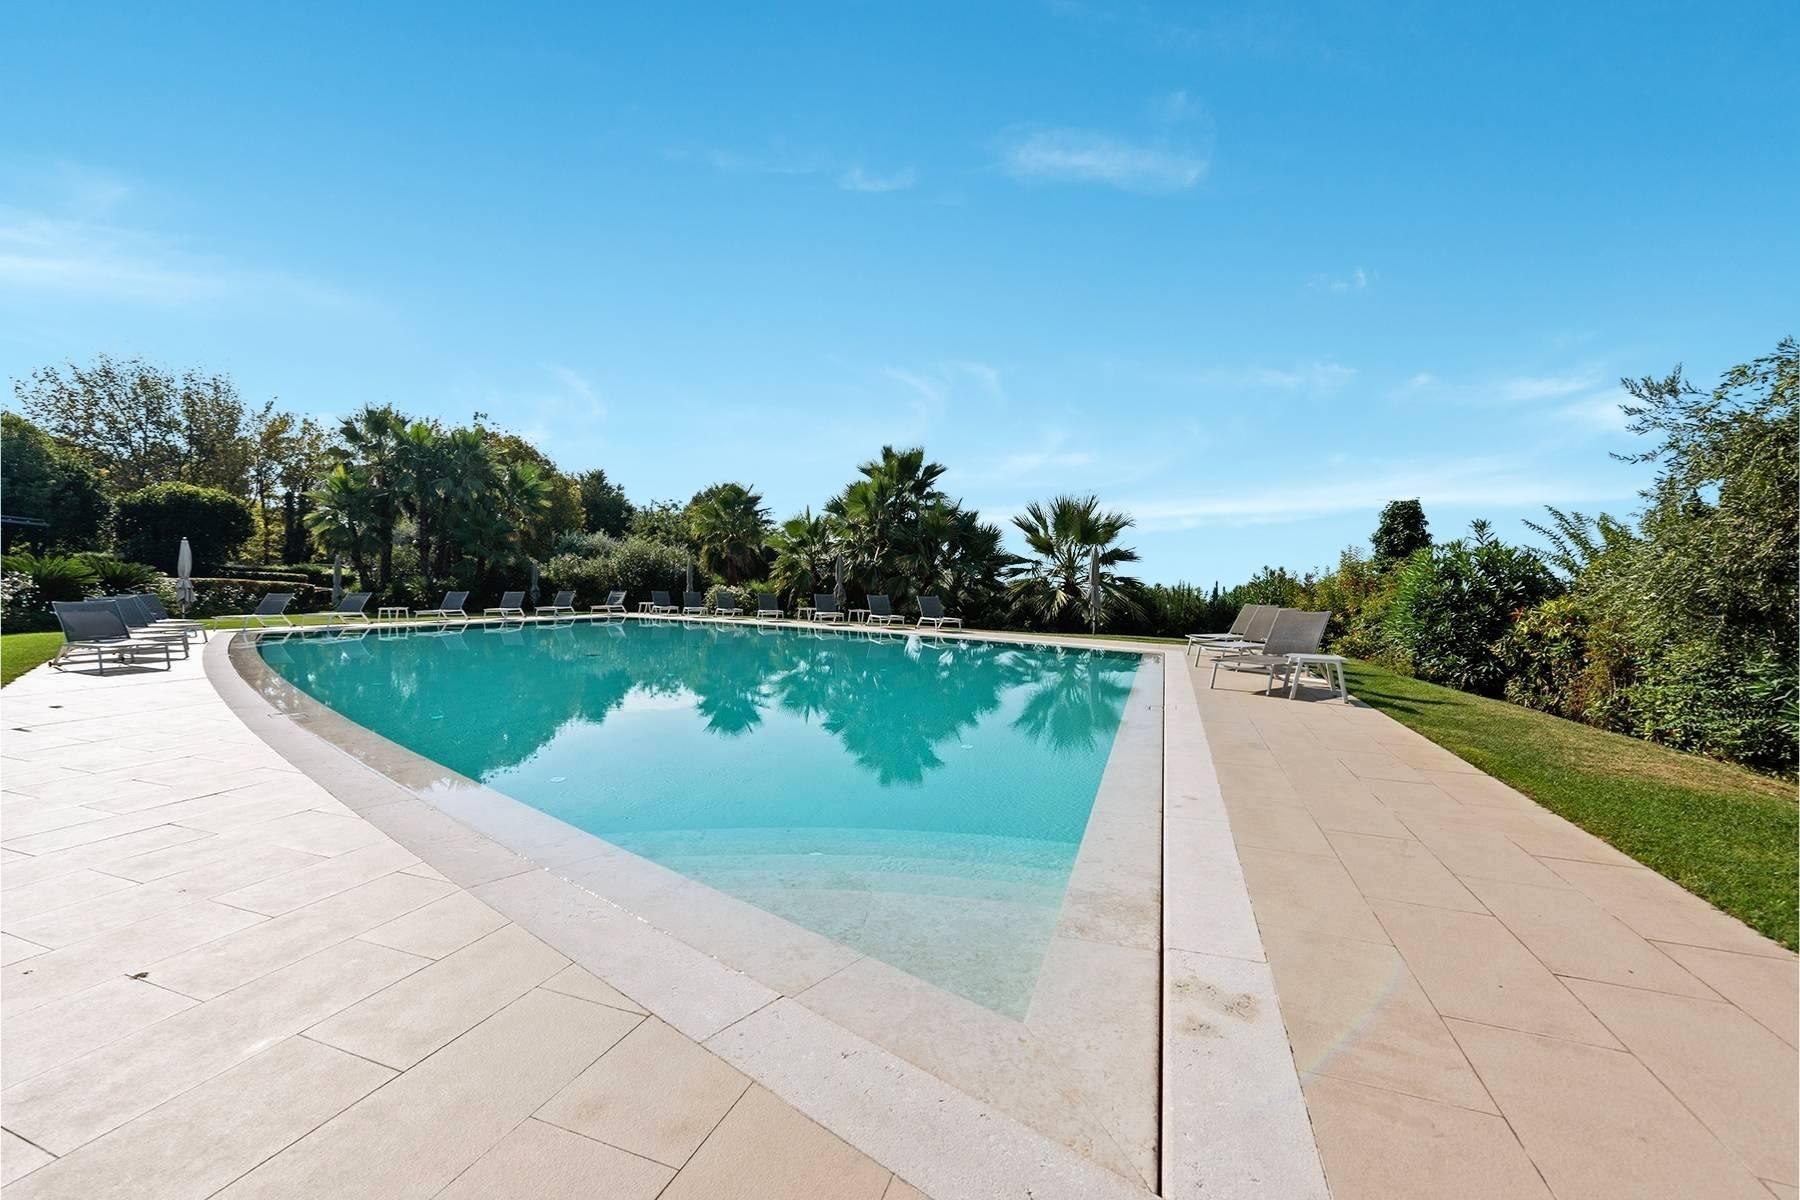 Villa im eleganten Wohnkomplex mit Pool - 12